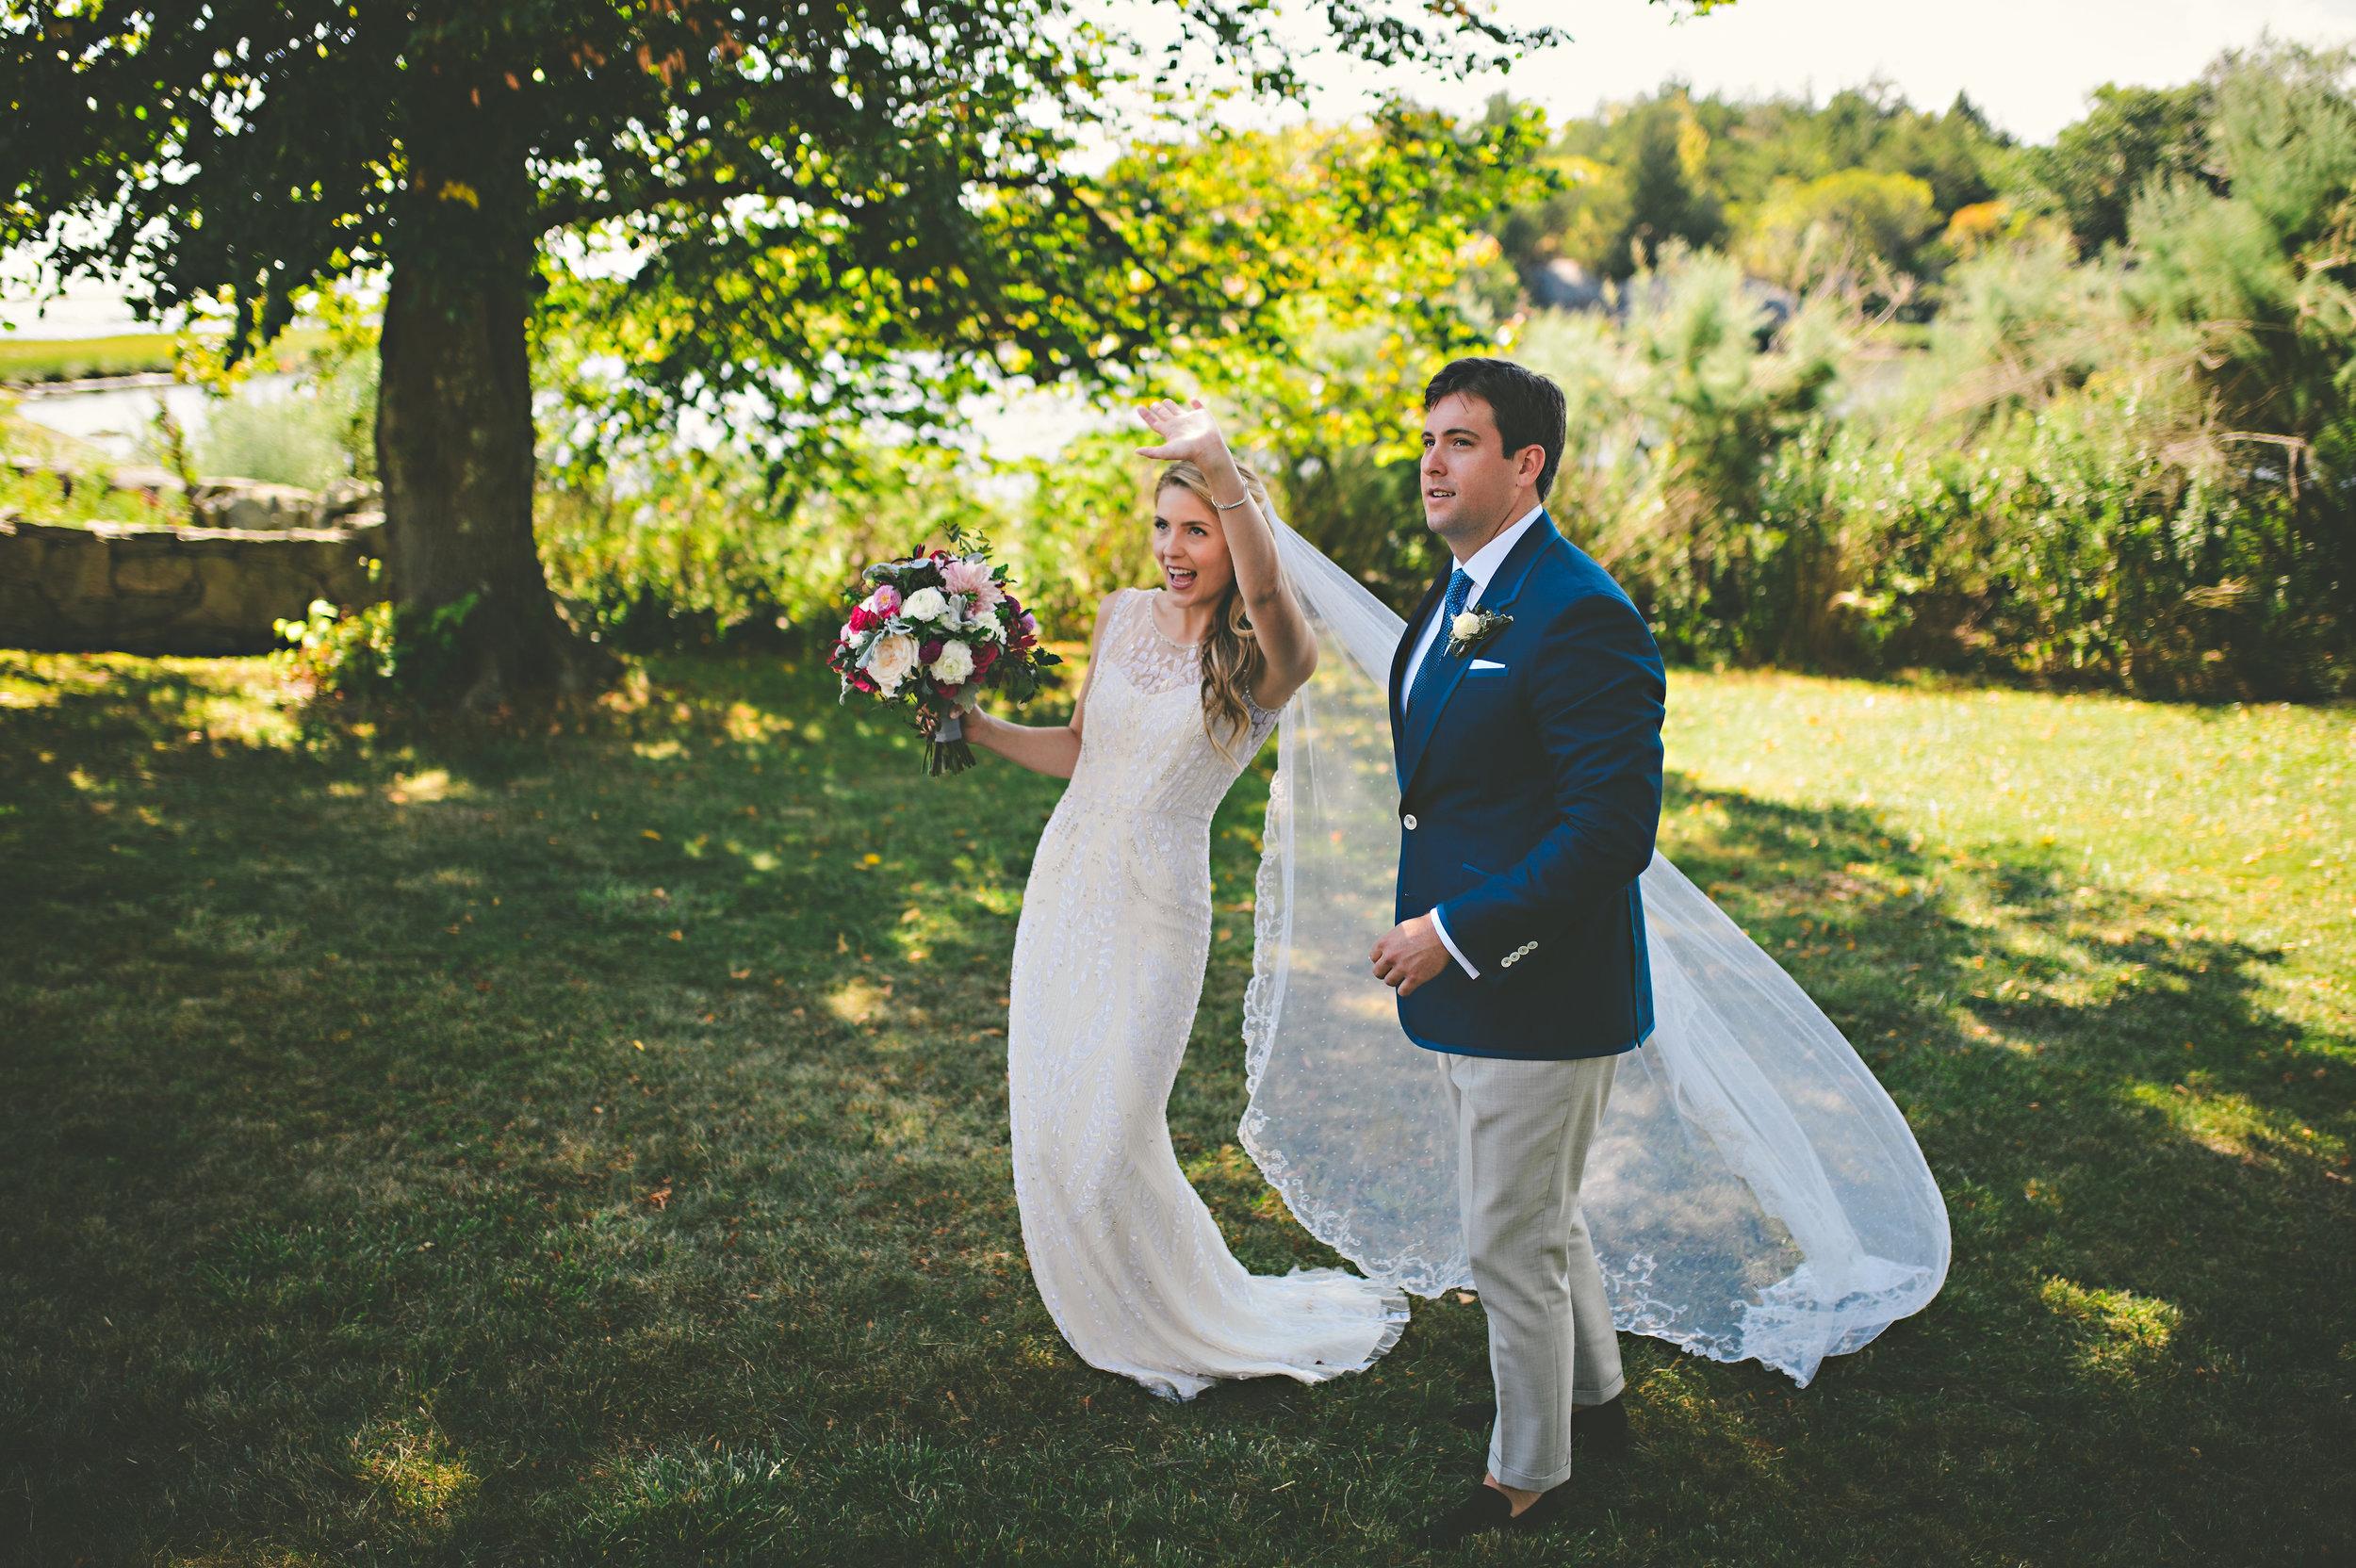 bruker_wedding_0383.jpg